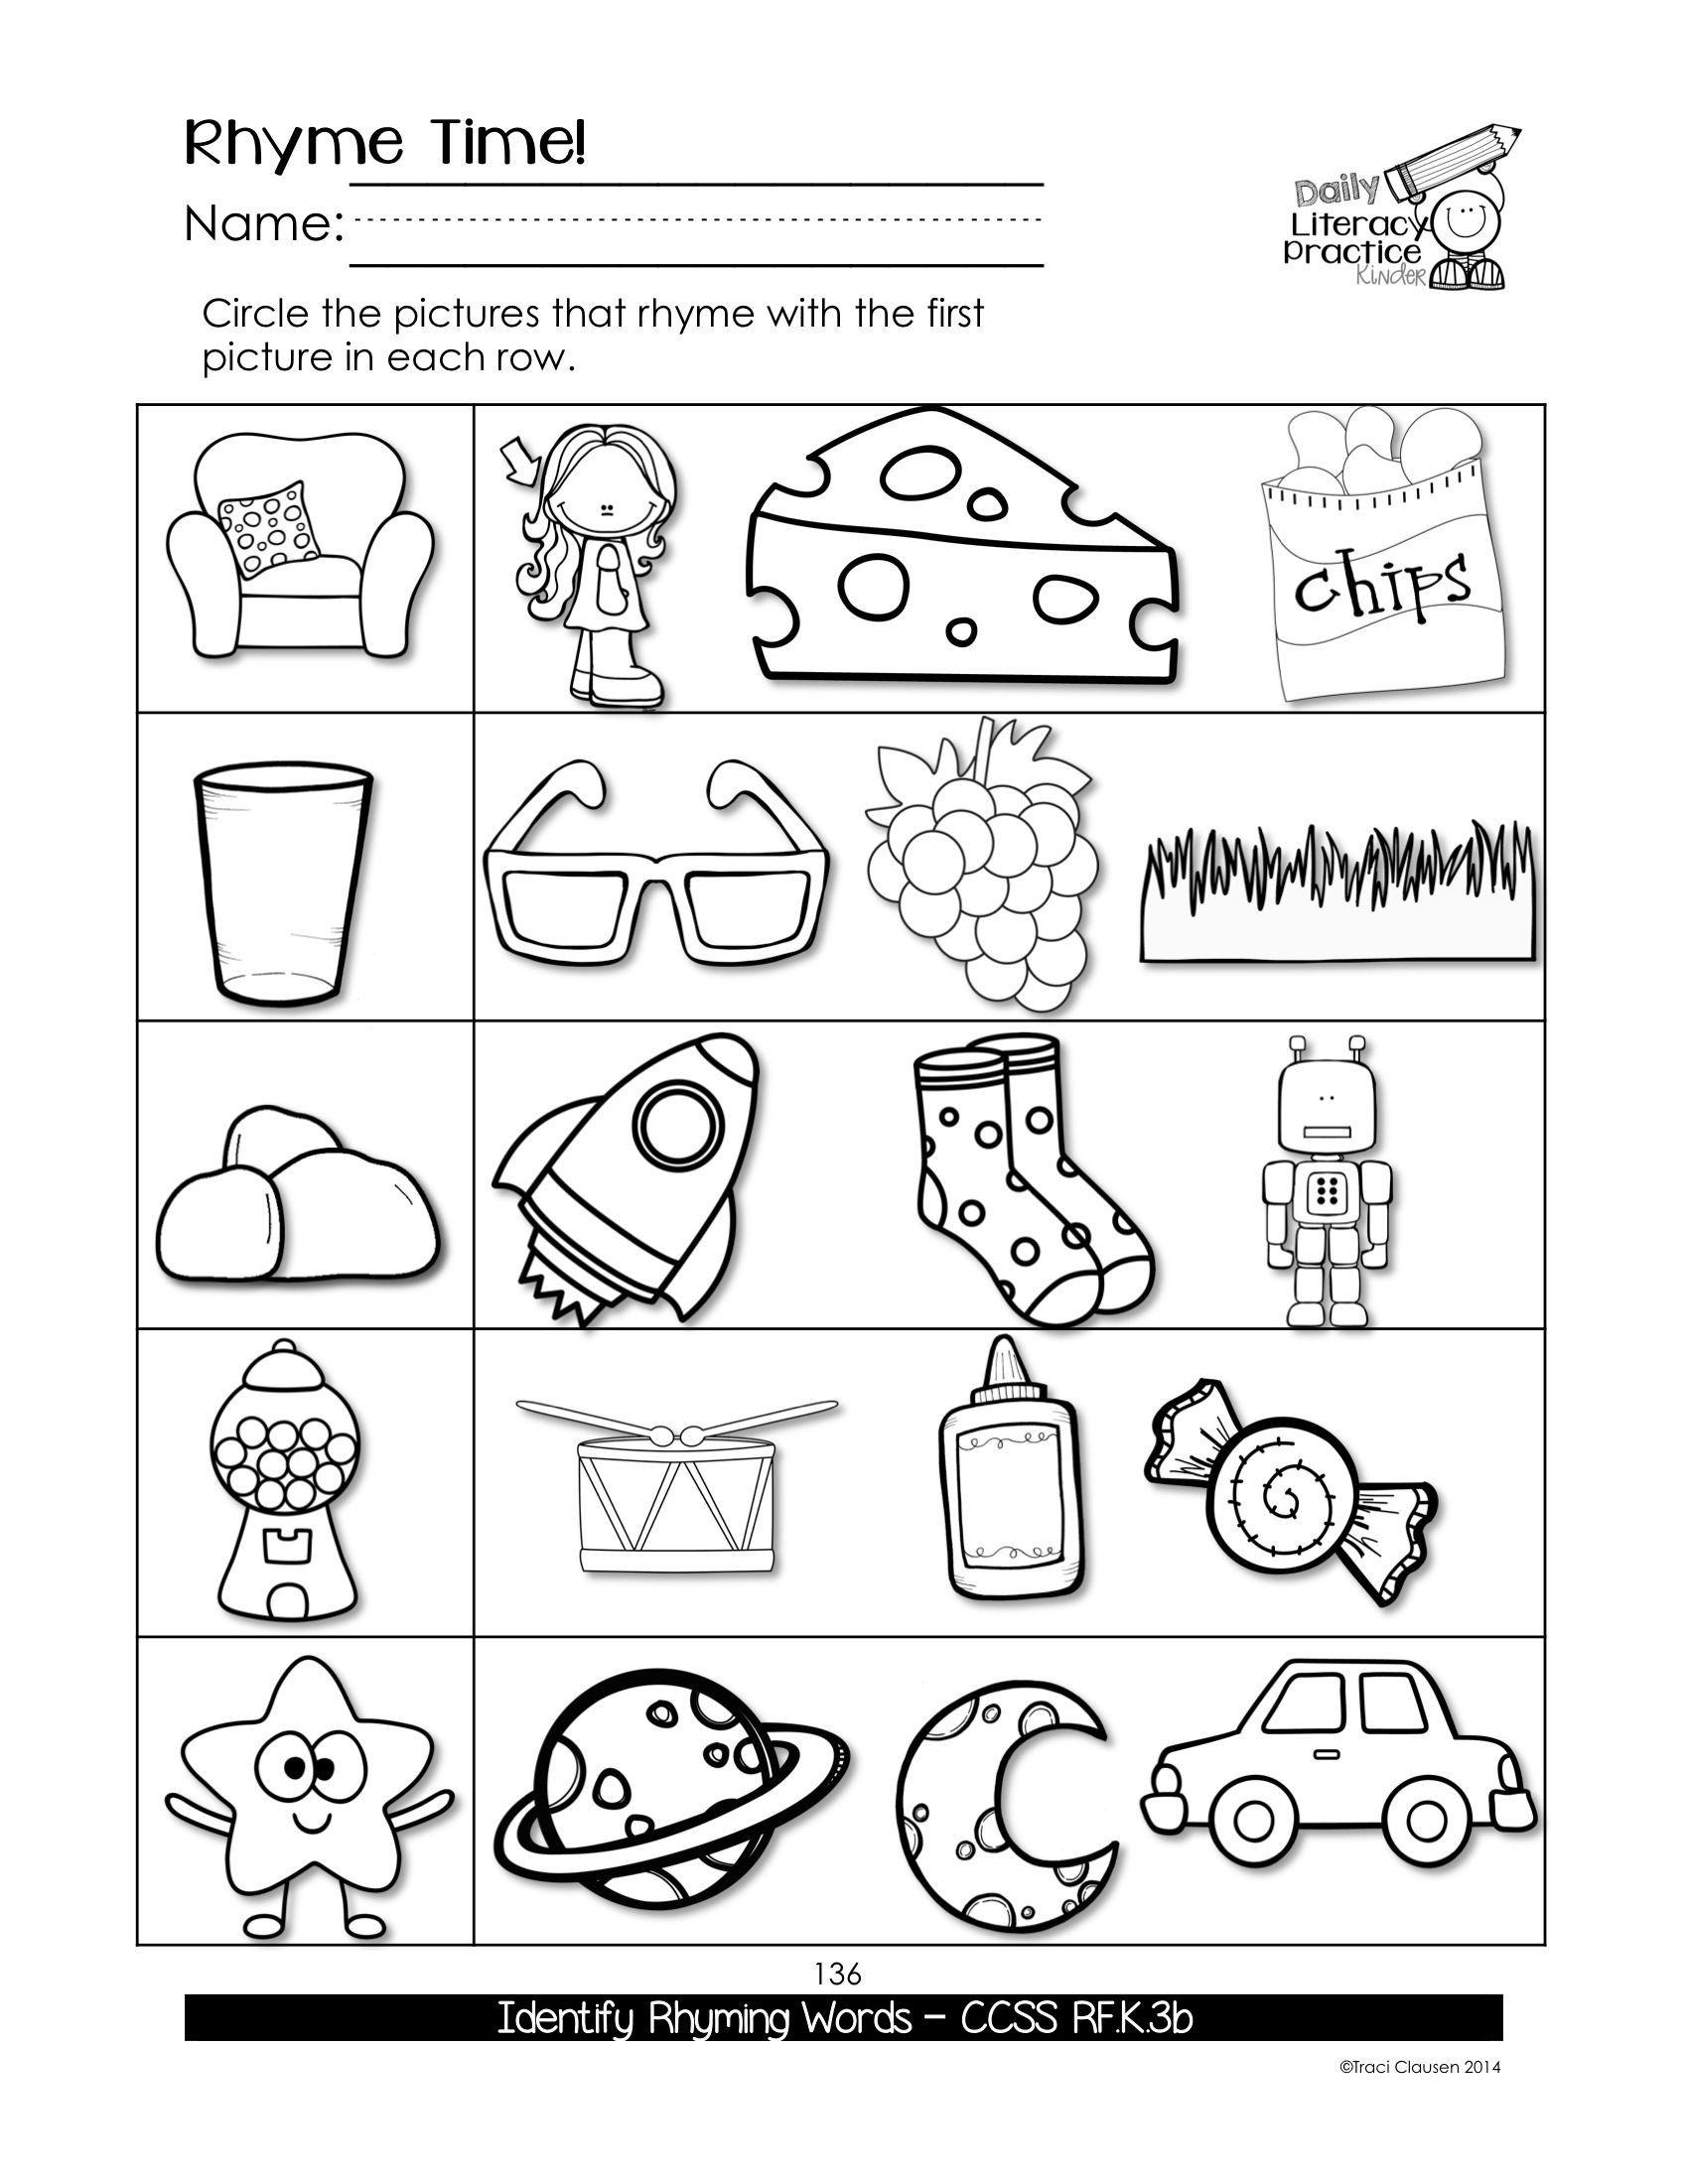 Rhyming Words Worksheet For Kindergarten In 2020 Rhyming Worksheet Social Studies Worksheets Kindergarten Worksheets